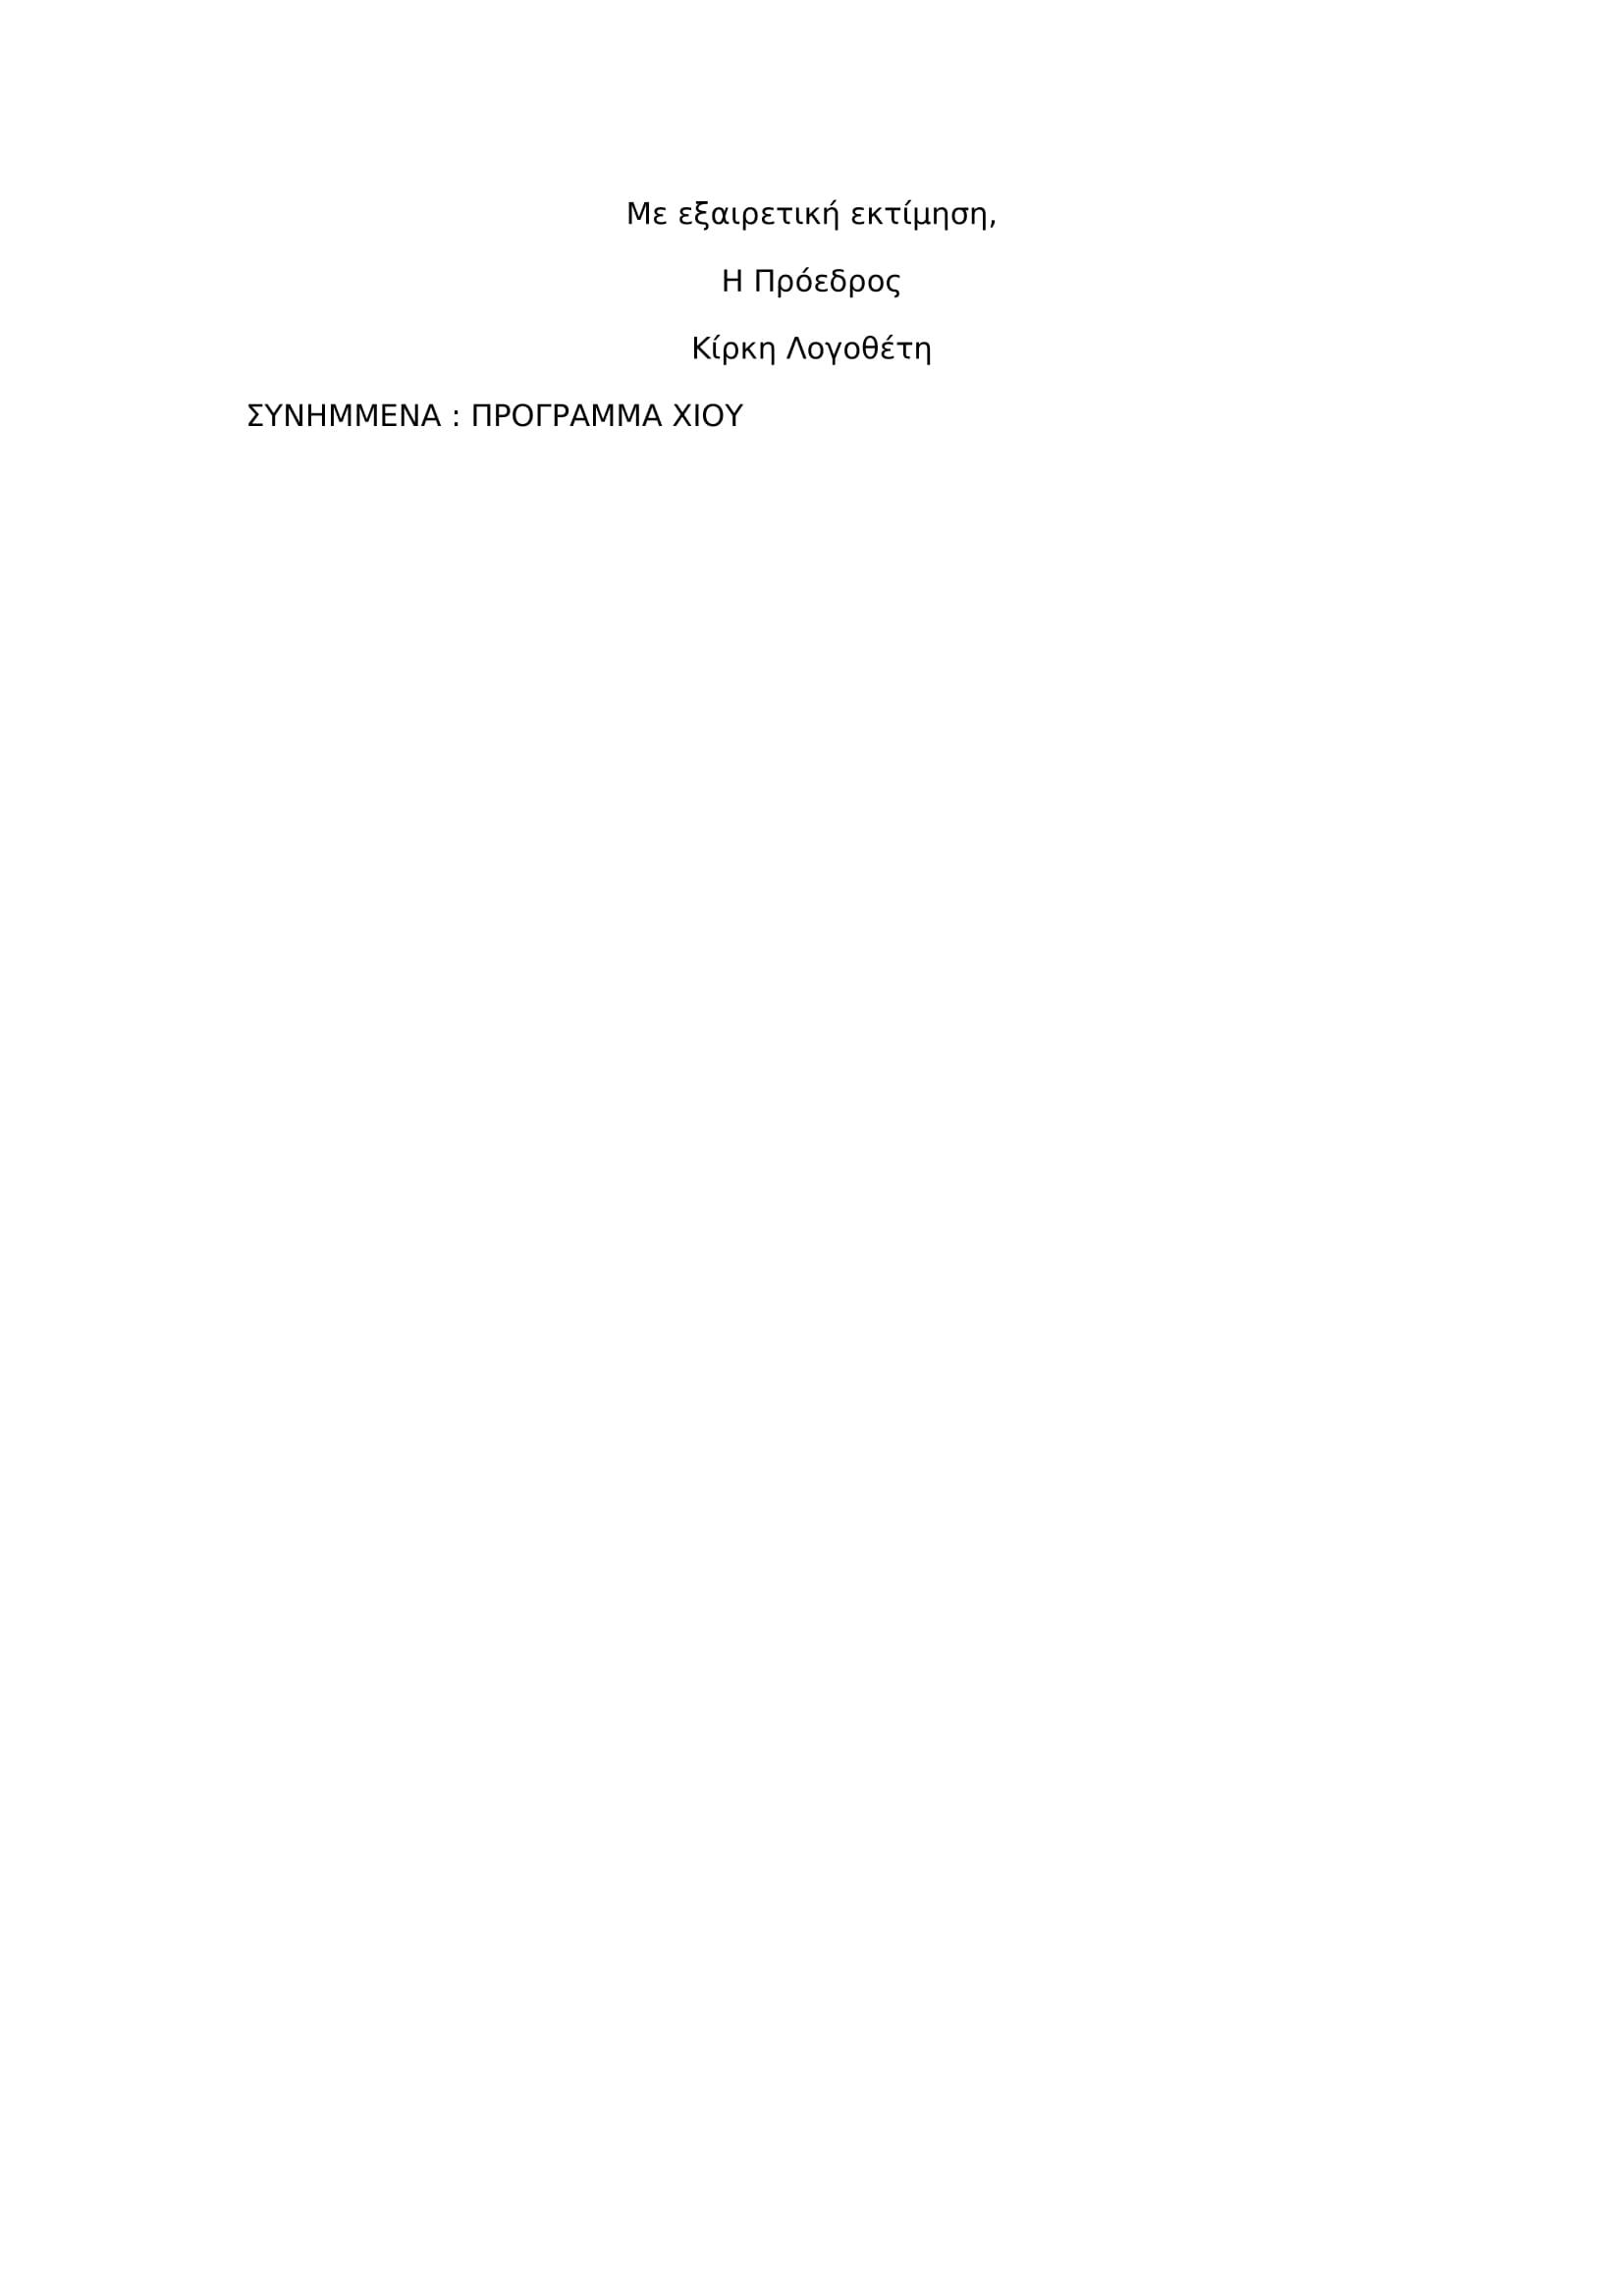 ΠΡΟΓΡΑΜΜΑ ΕΚΔΡΟΜΗΣ ΧΙΟΥ ΔΕΥΤΕΡΗ ΕΙΔΟΠΟΙΗΣΗ-03